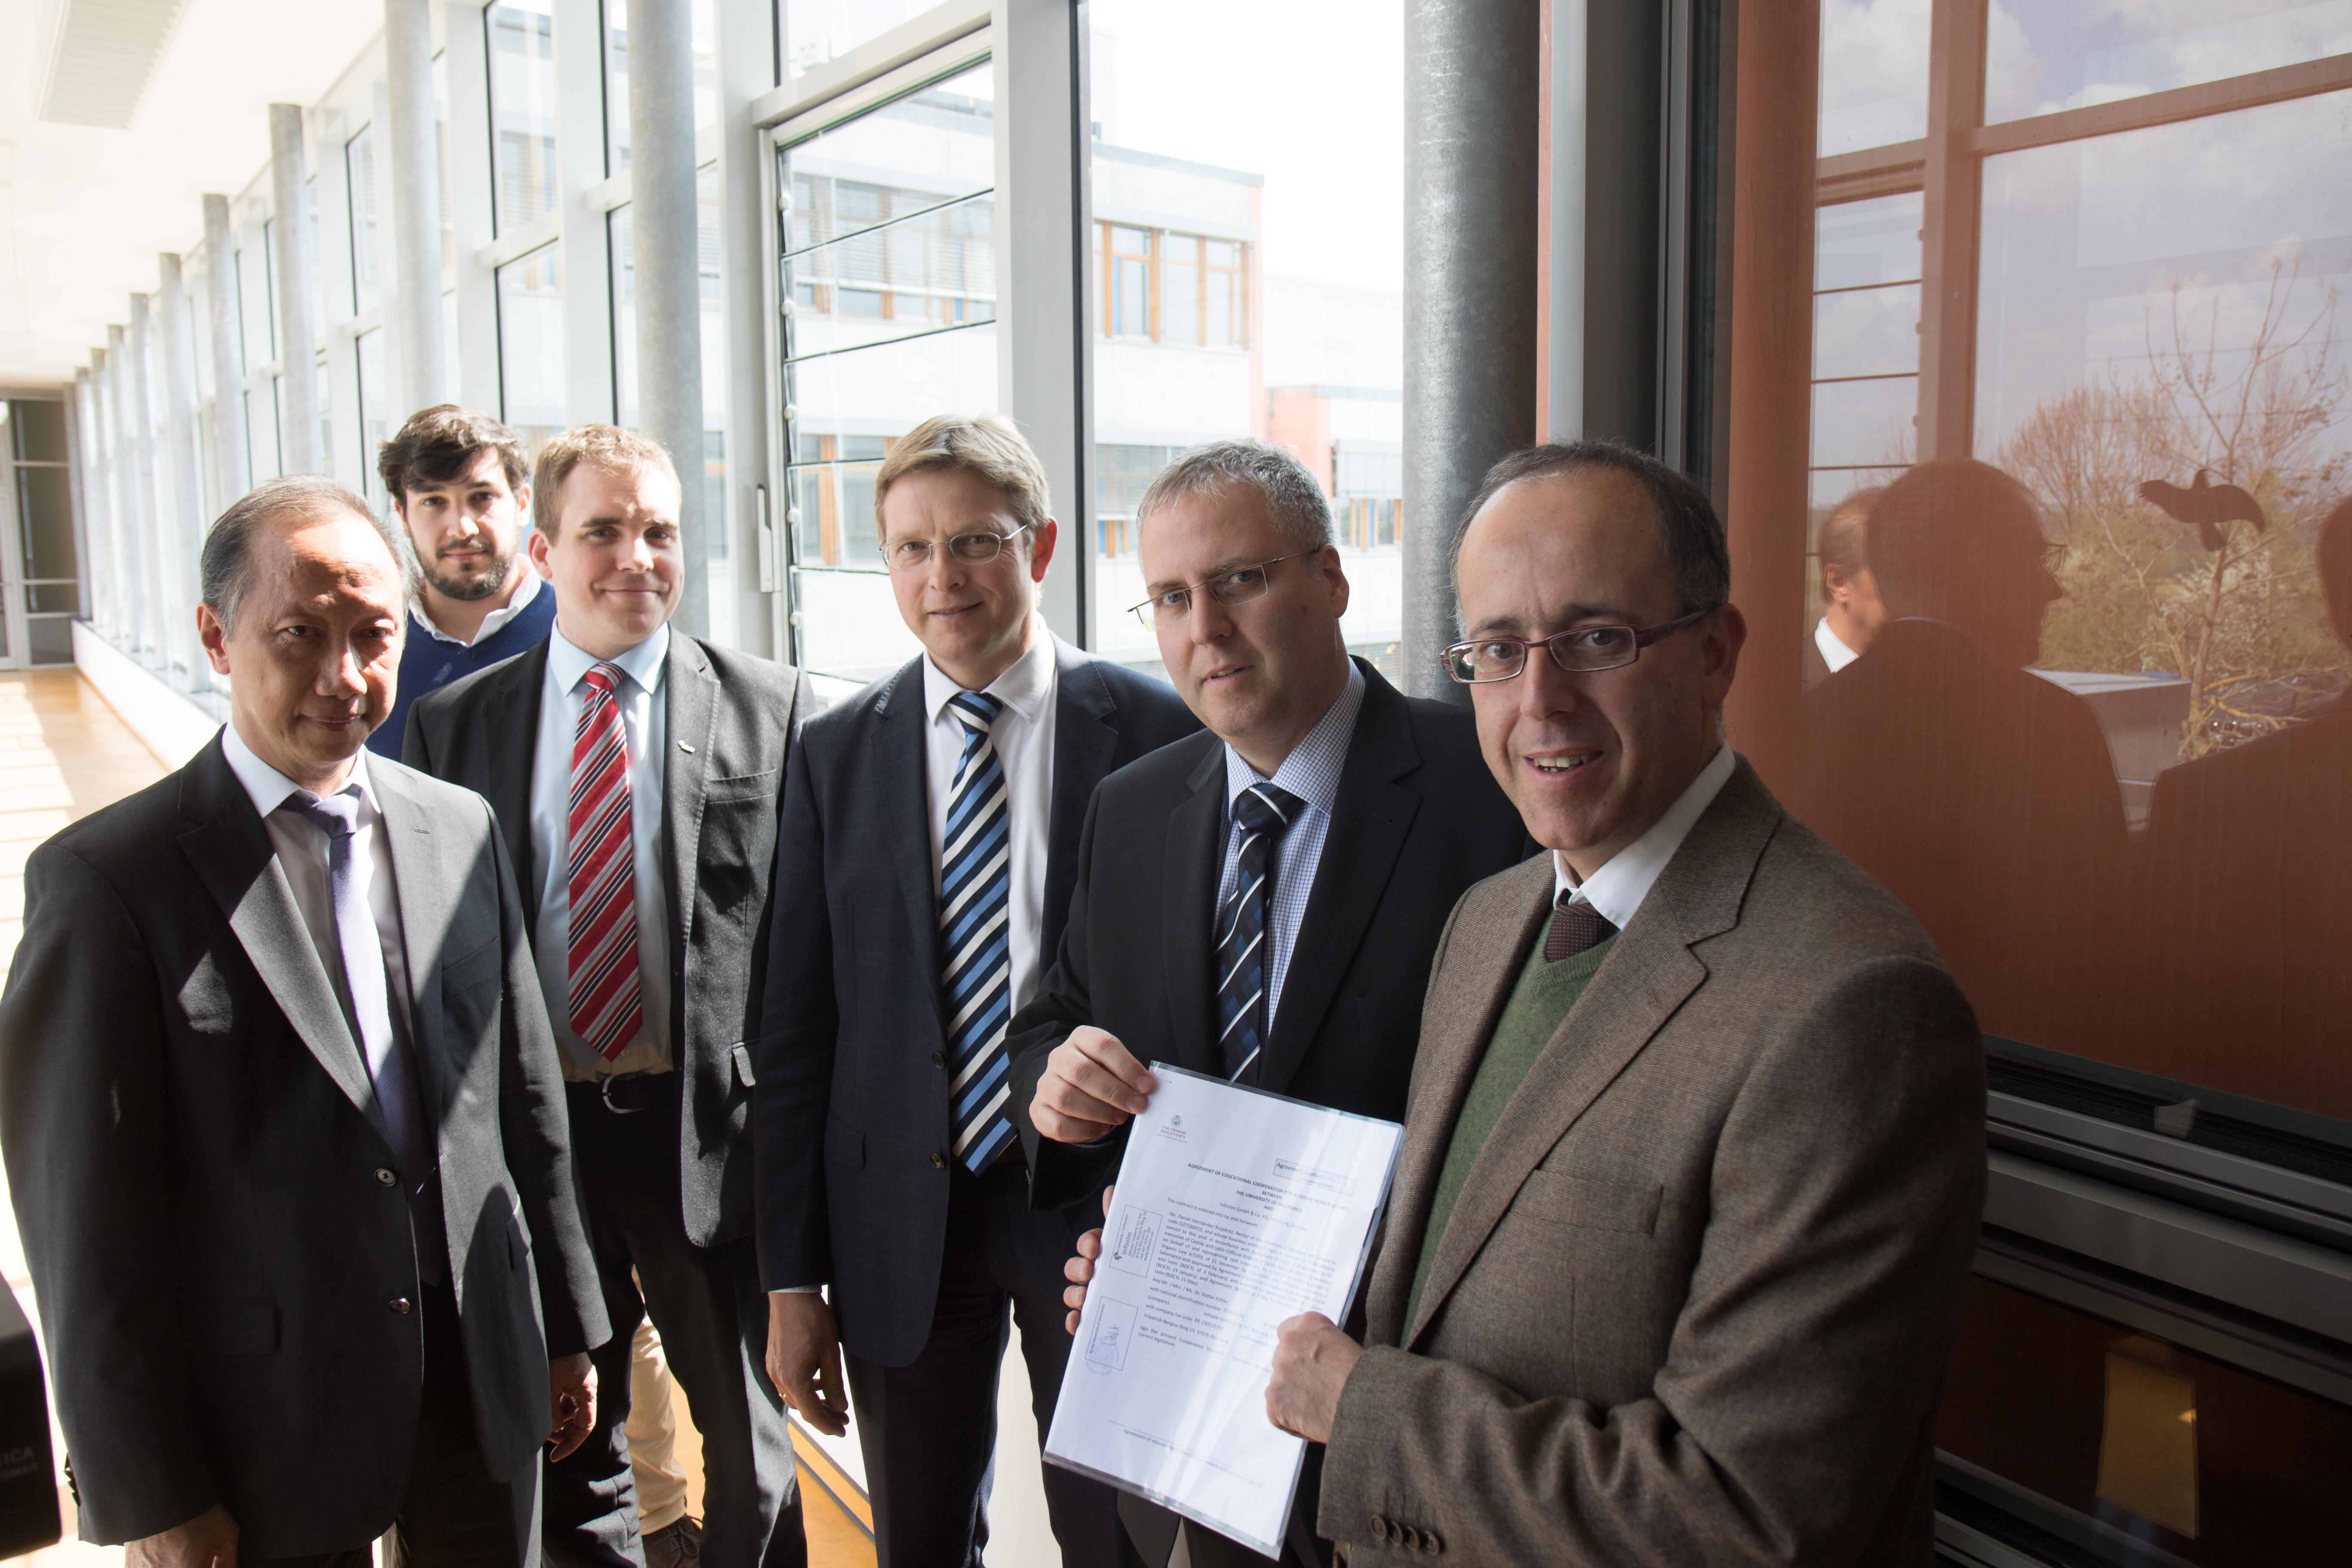 La Universidad de Salamanca suscribe un convenio de cooperación con la empresa alemana Fa. Infosim